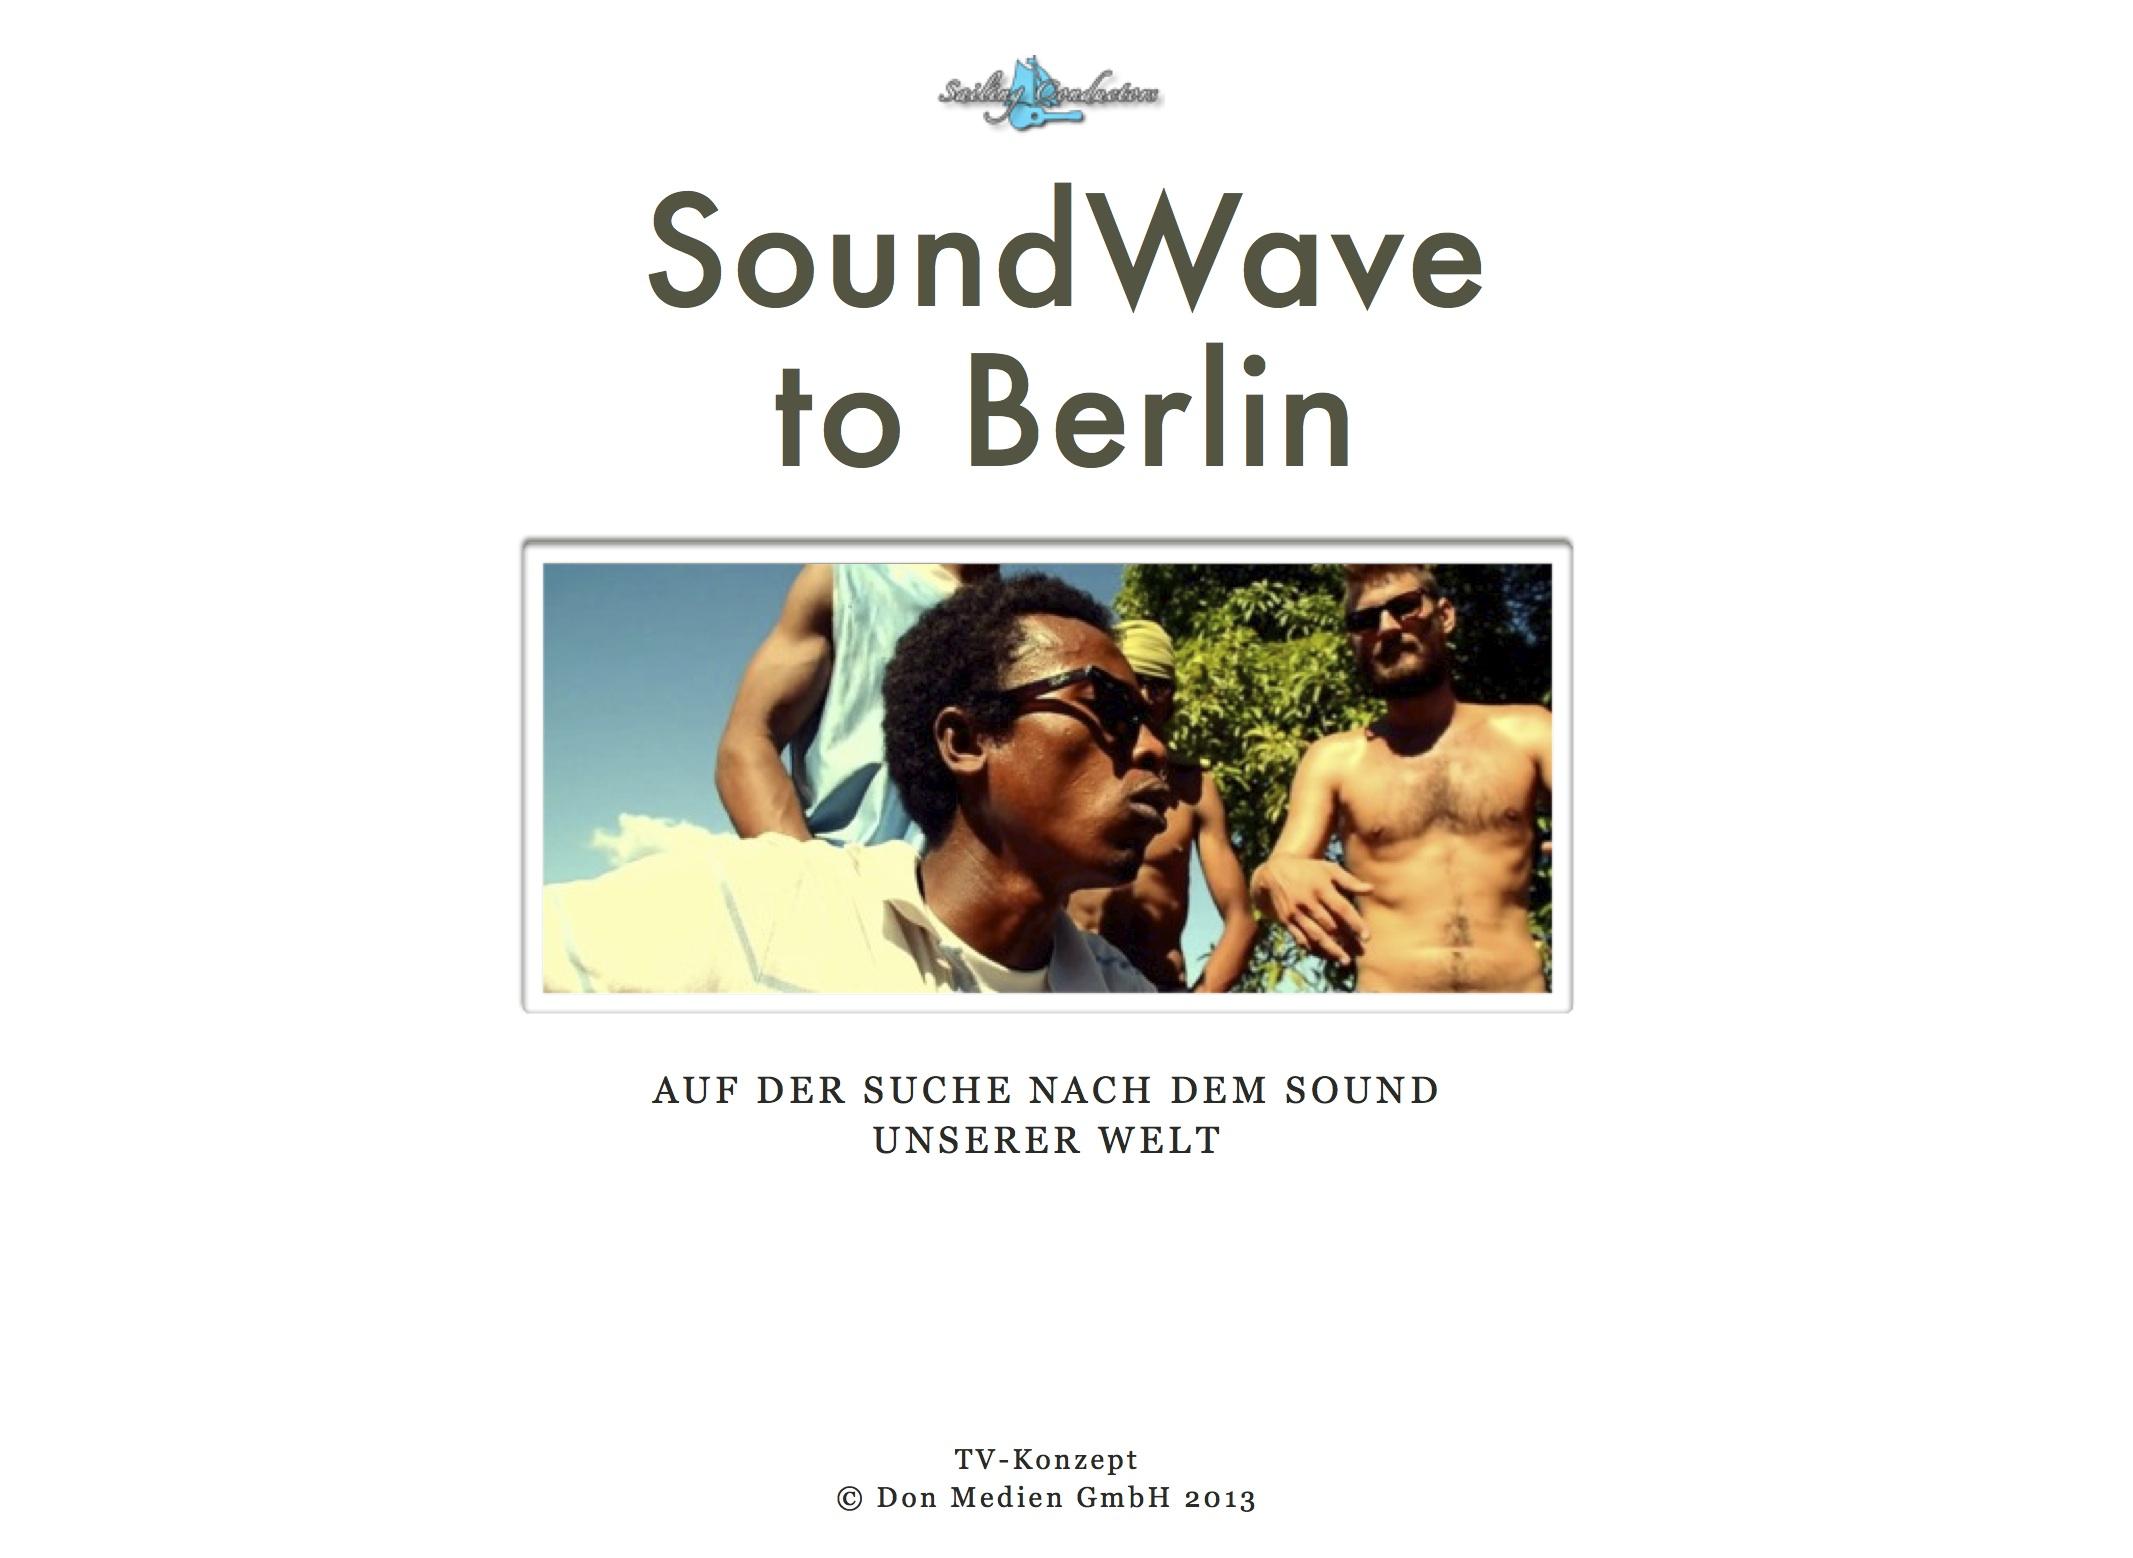 titel-tvkonzept-soundwave2berlin